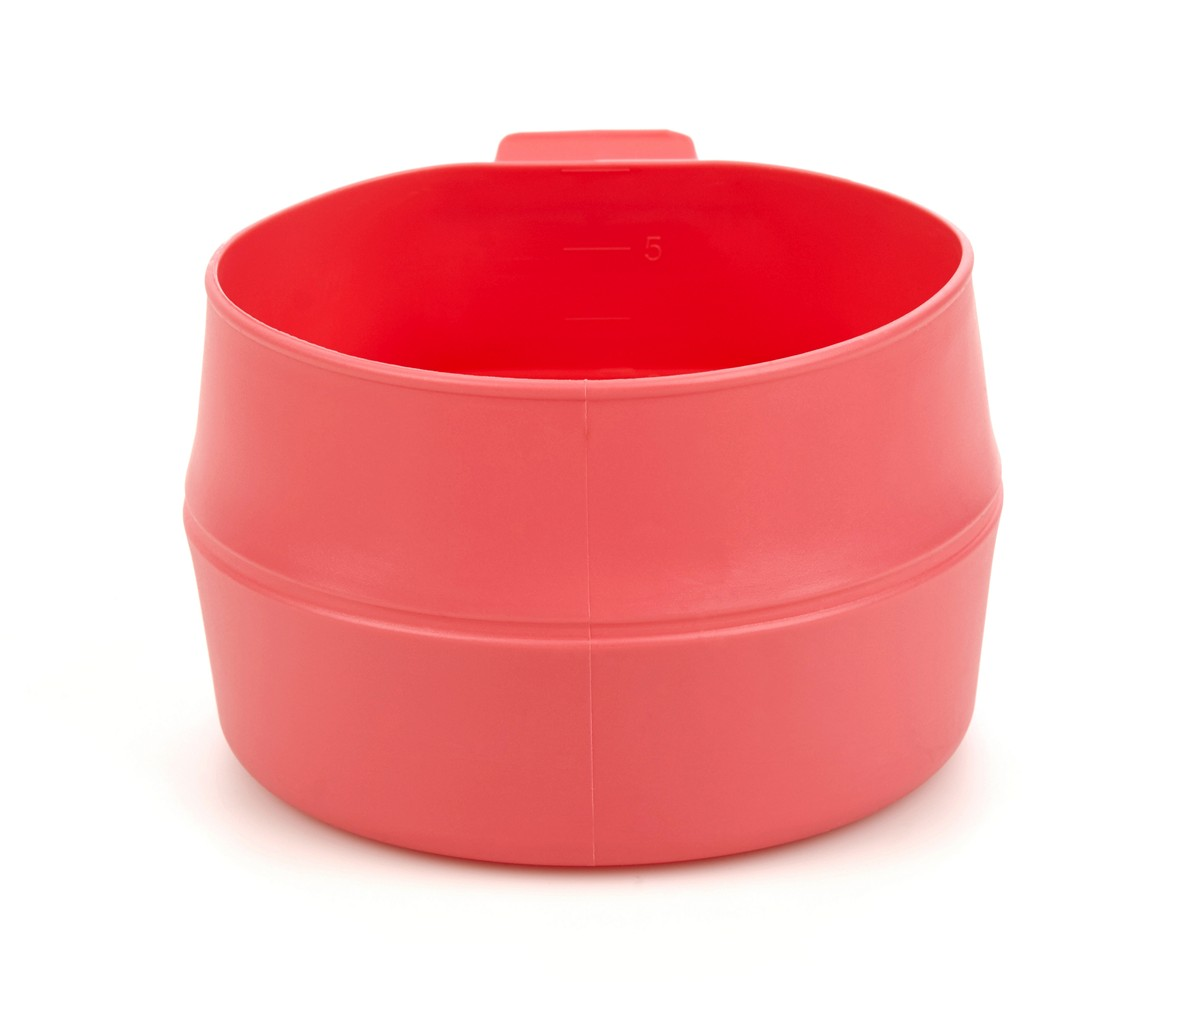 Кружка складная Wildo Fold-a-Cup Big, портативная, цвет: розовый, 0,6 л что в виде сувенира из туапсе